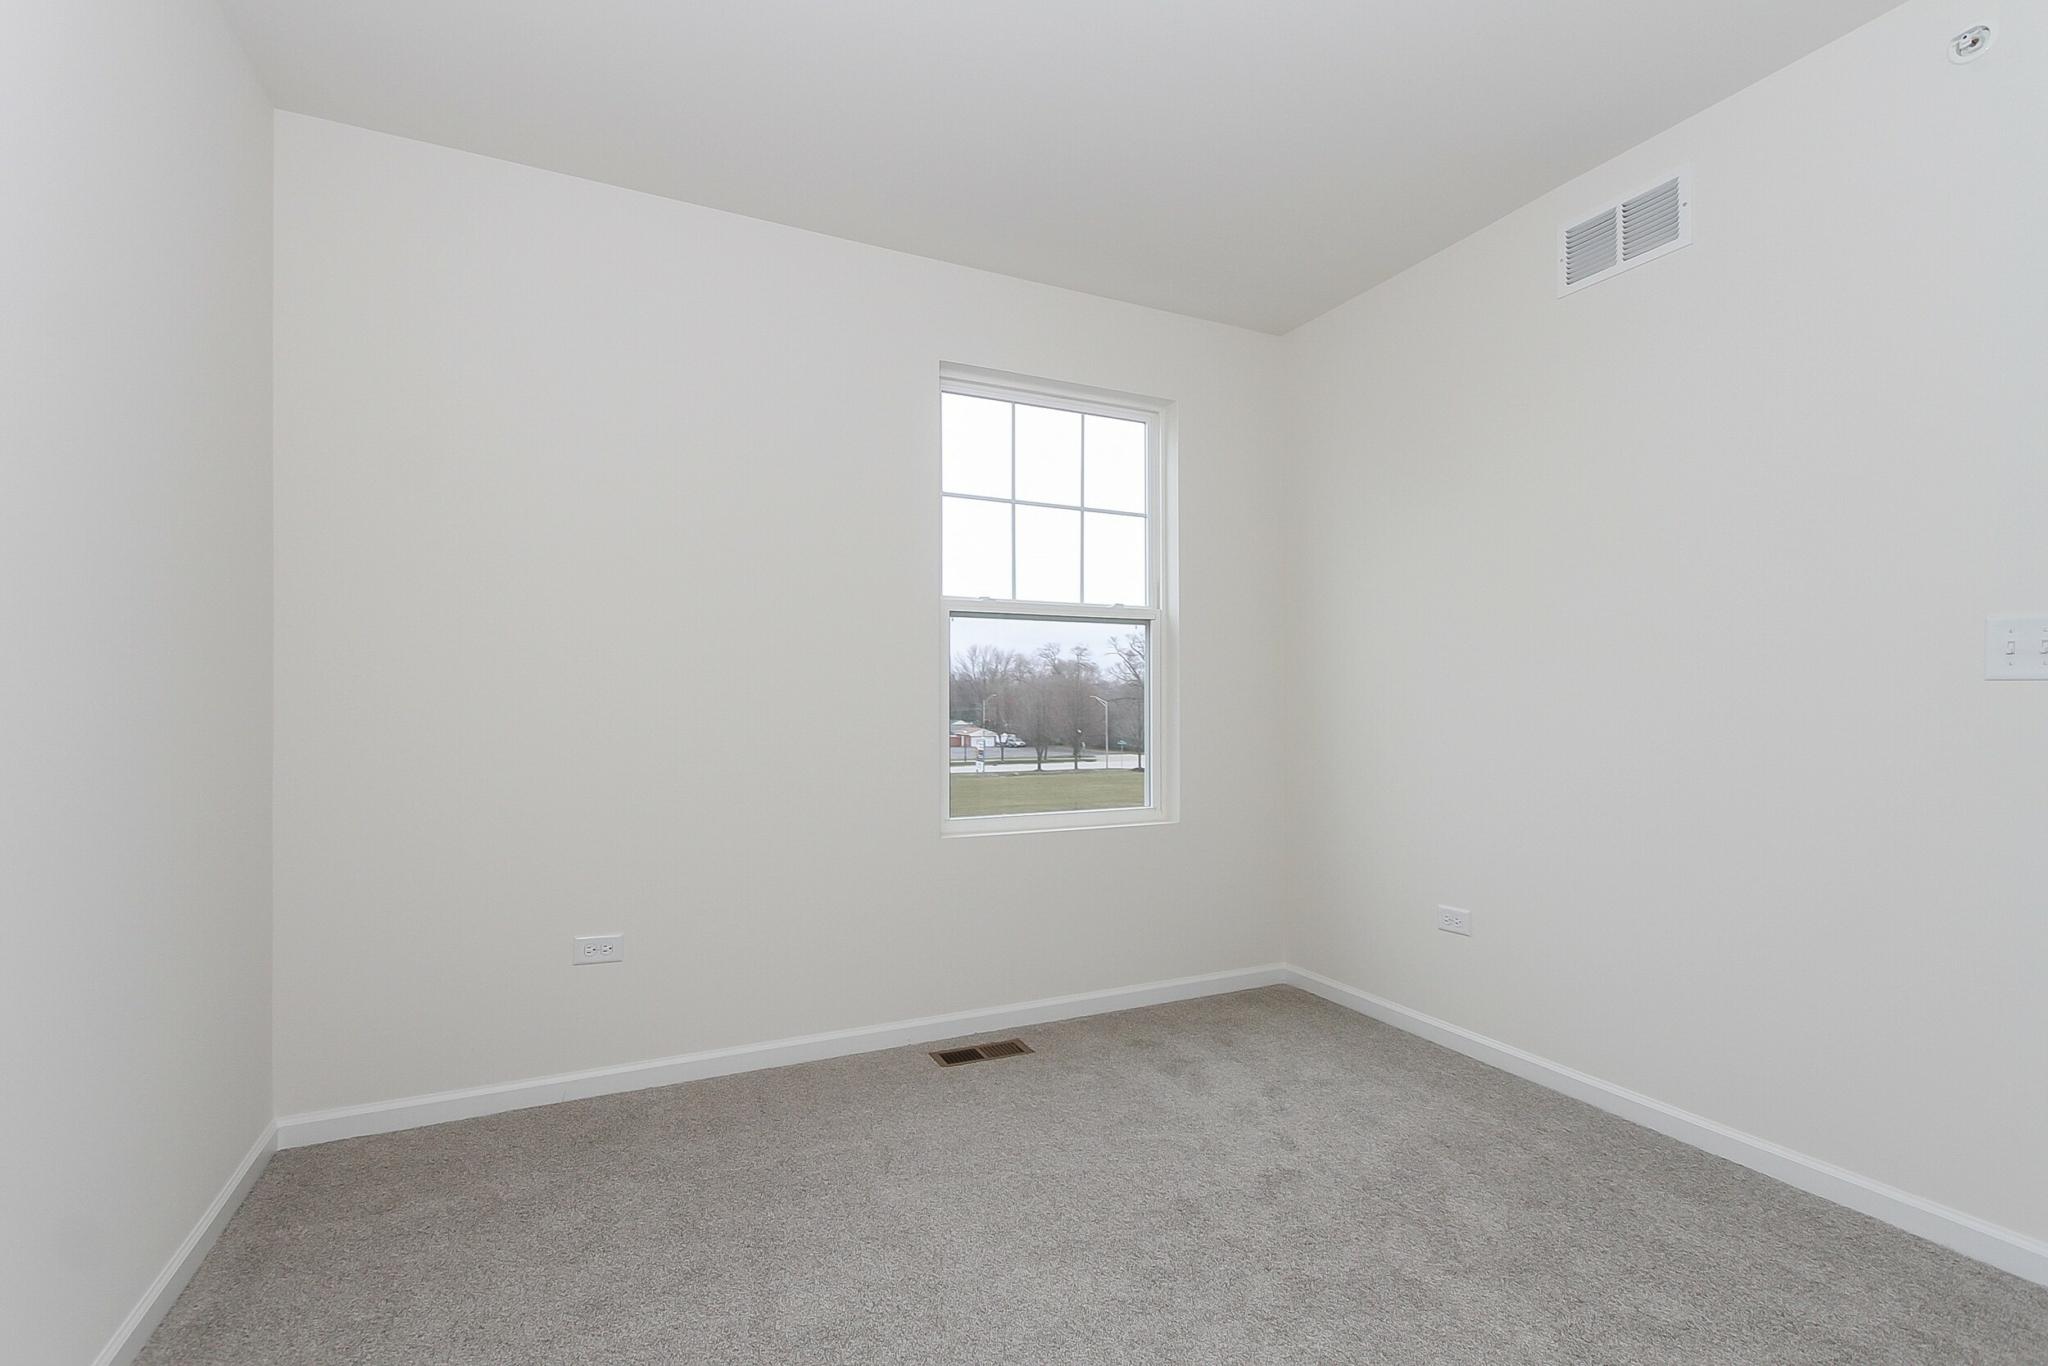 007_Bedroom2-scaled.jpg